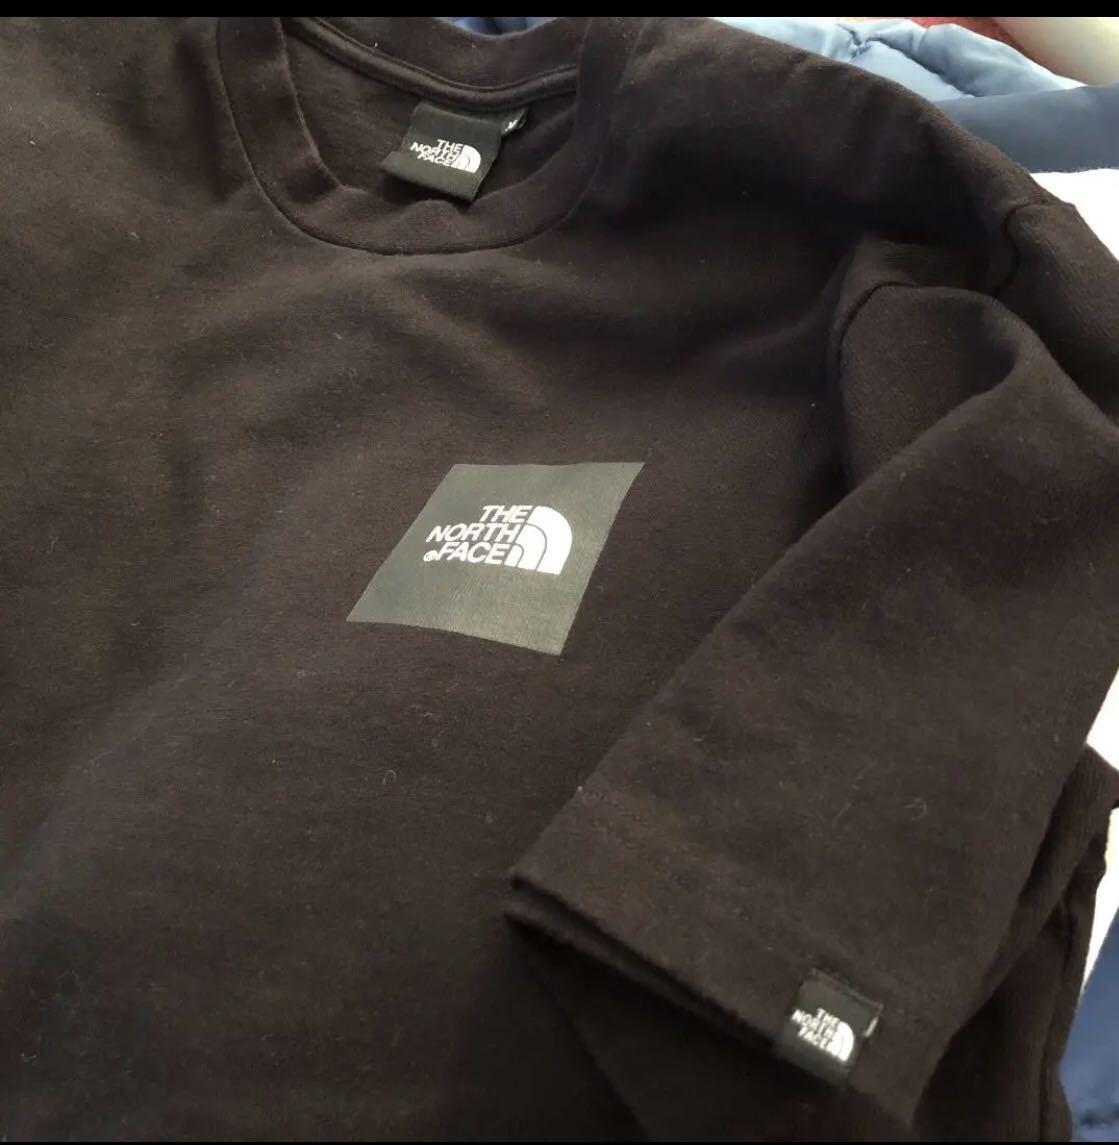 ノースフェイス ボックスロゴ Tシャツ Mサイズ ブラック シュプリーム カットソー_画像3